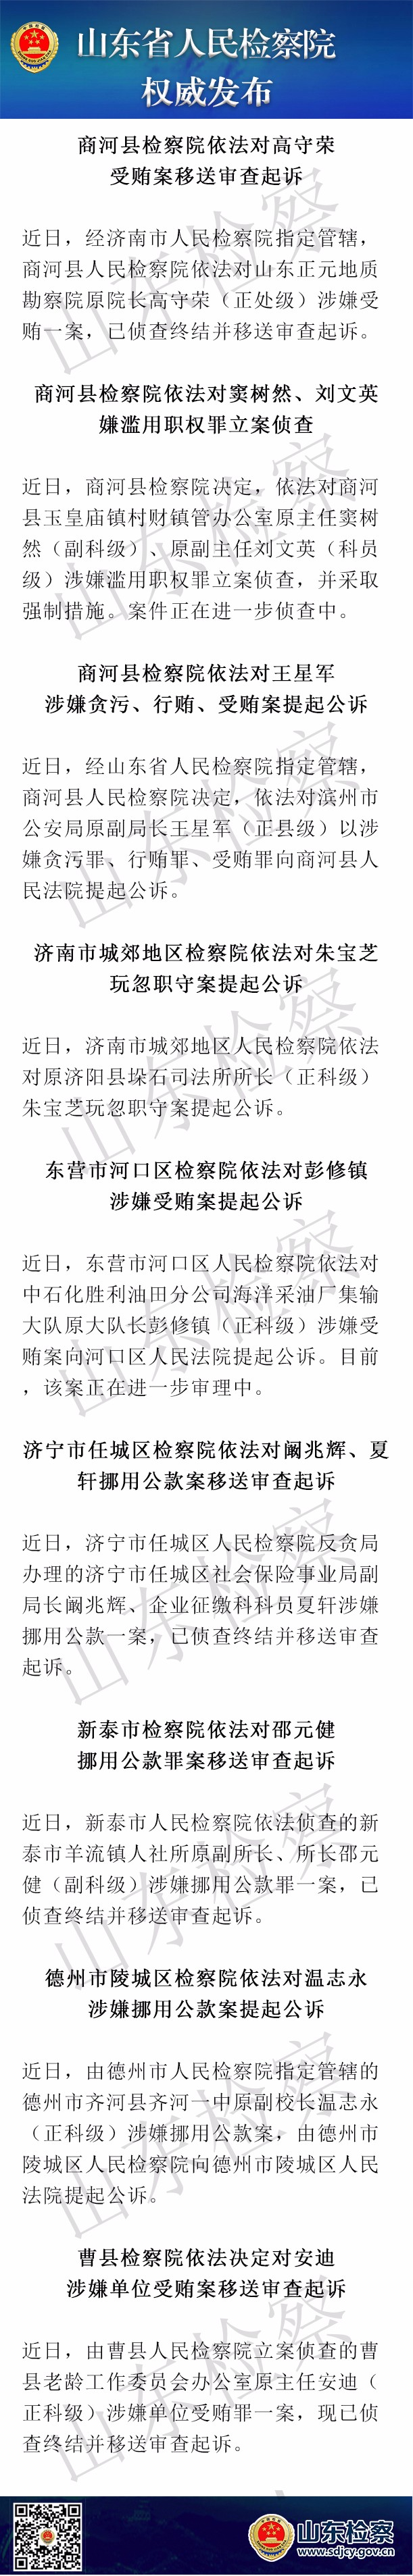 济南、东营、济宁、泰安、德州、滨州、菏泽等地11人涉嫌职务犯罪被依法追究.jpg